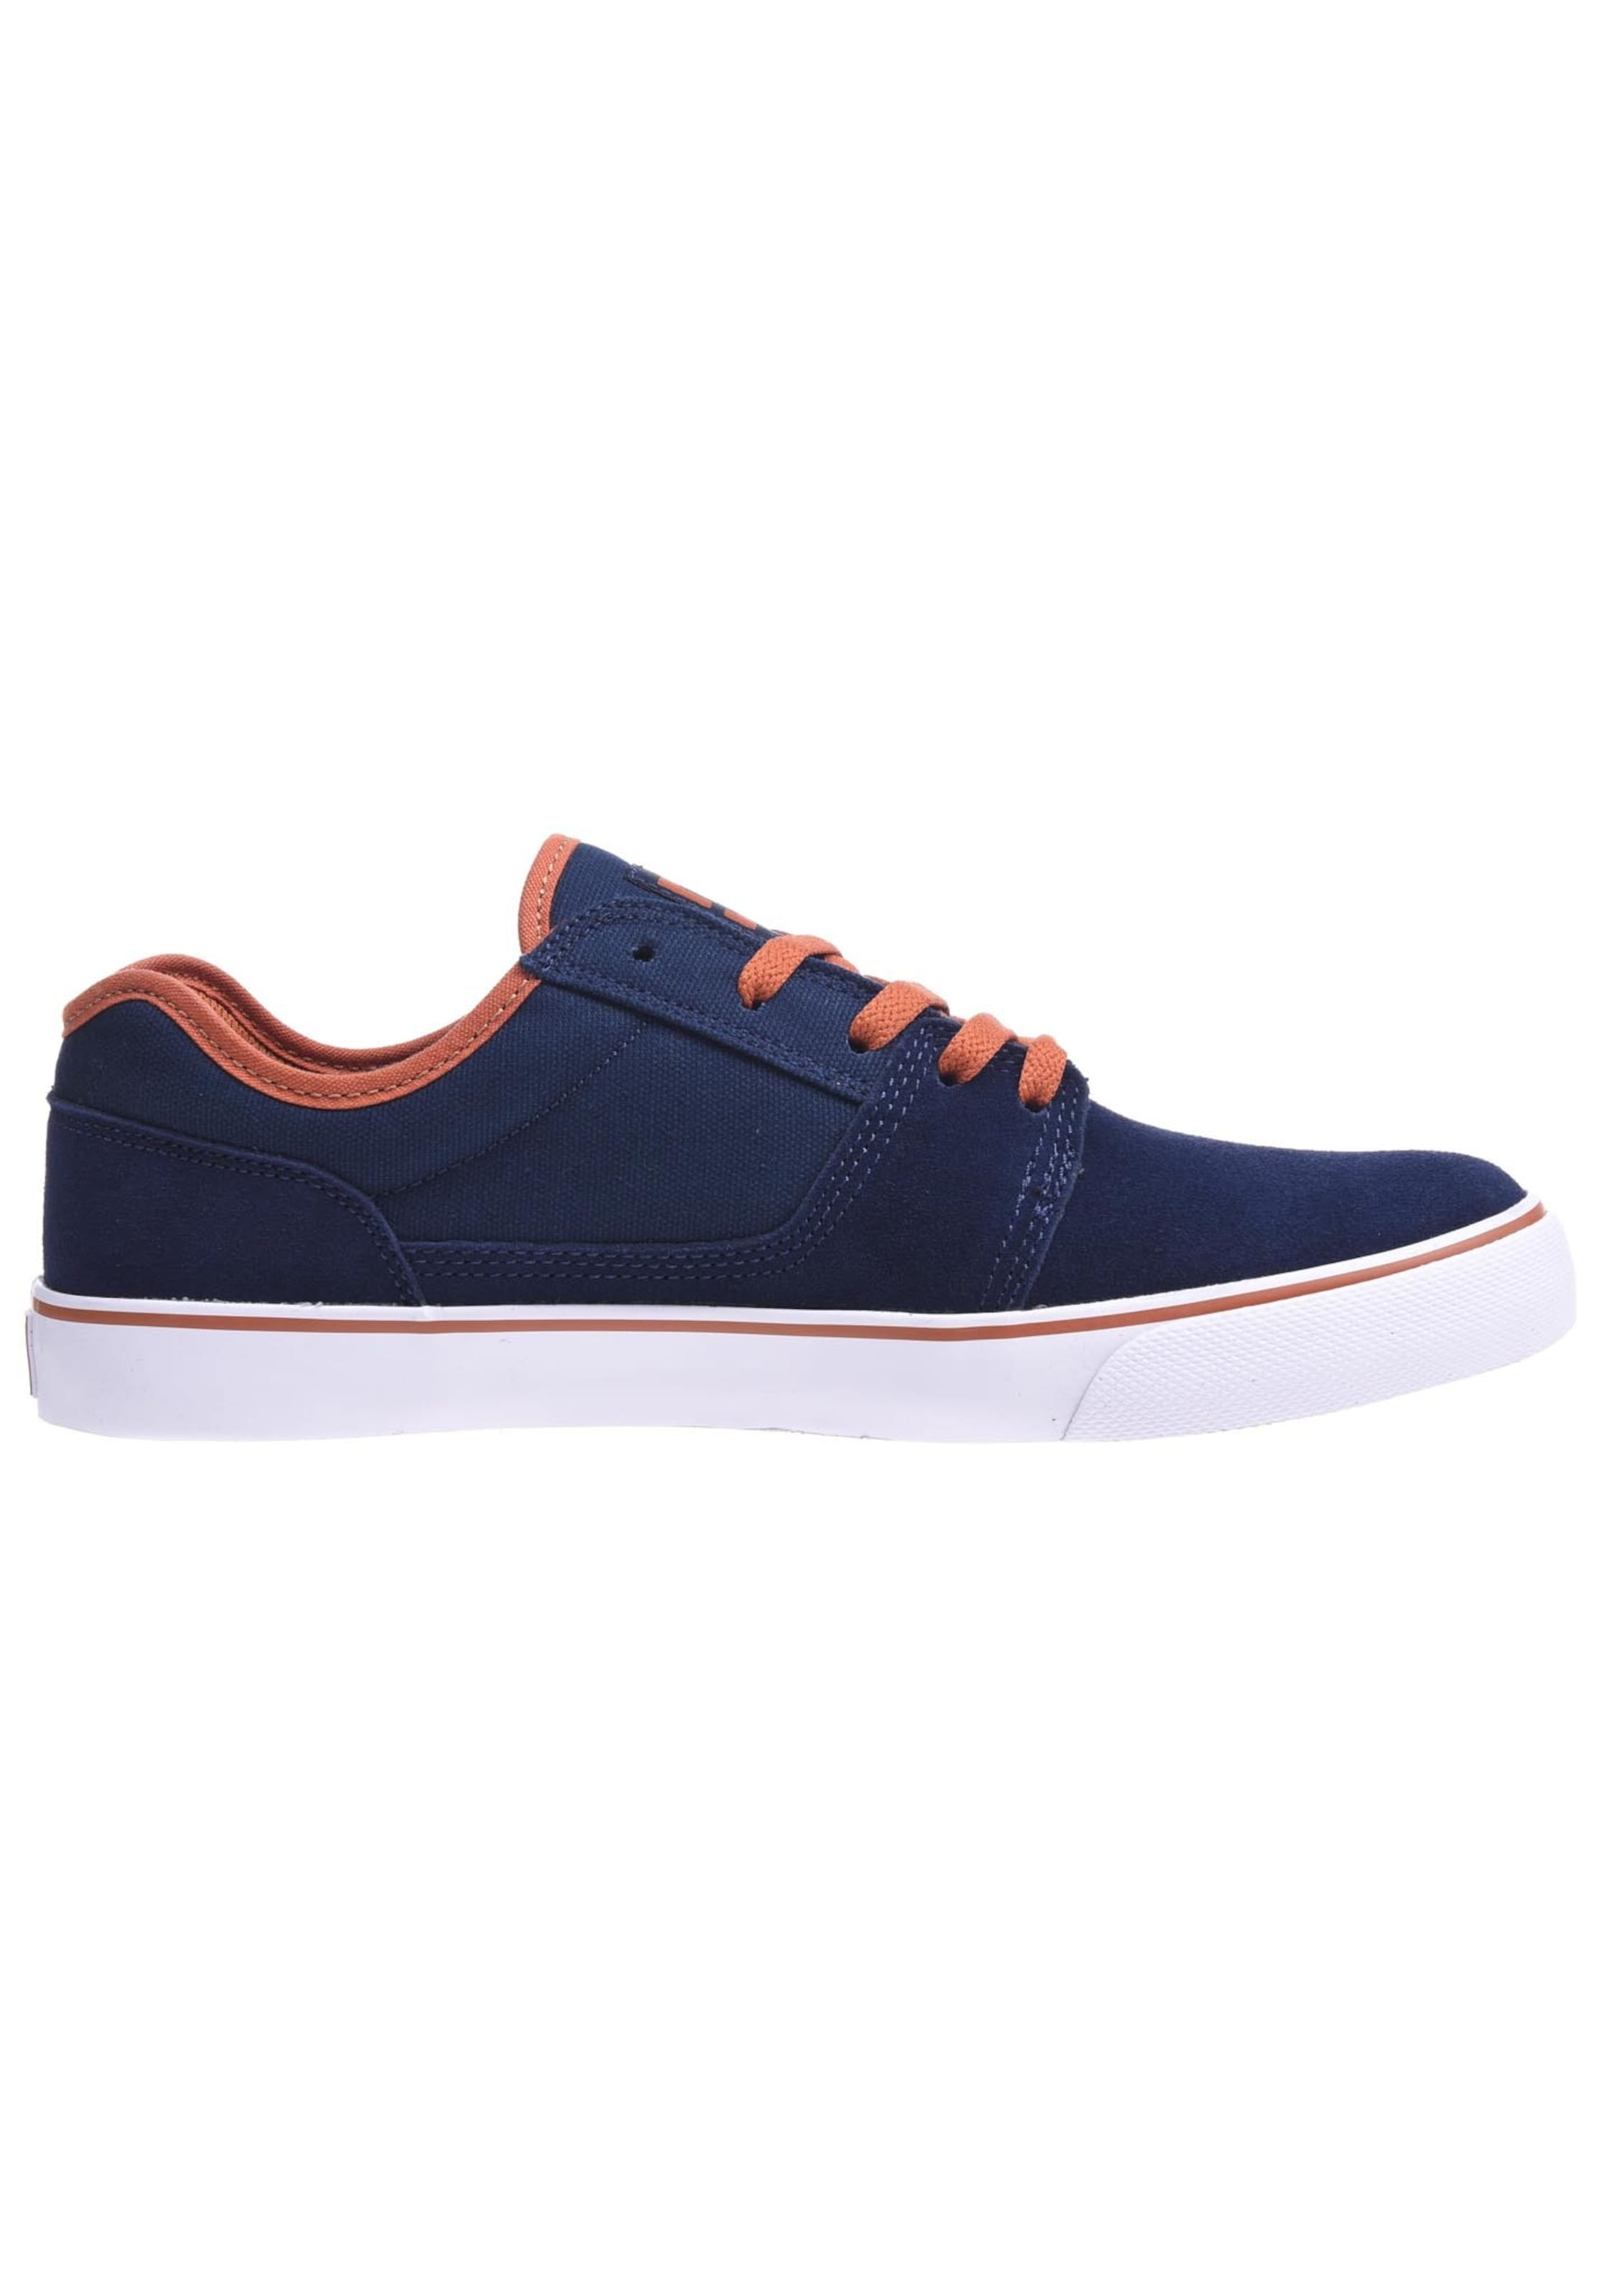 In Dc Sneaker 'tonik' Shoes NavyRostbraun XiOZPuk